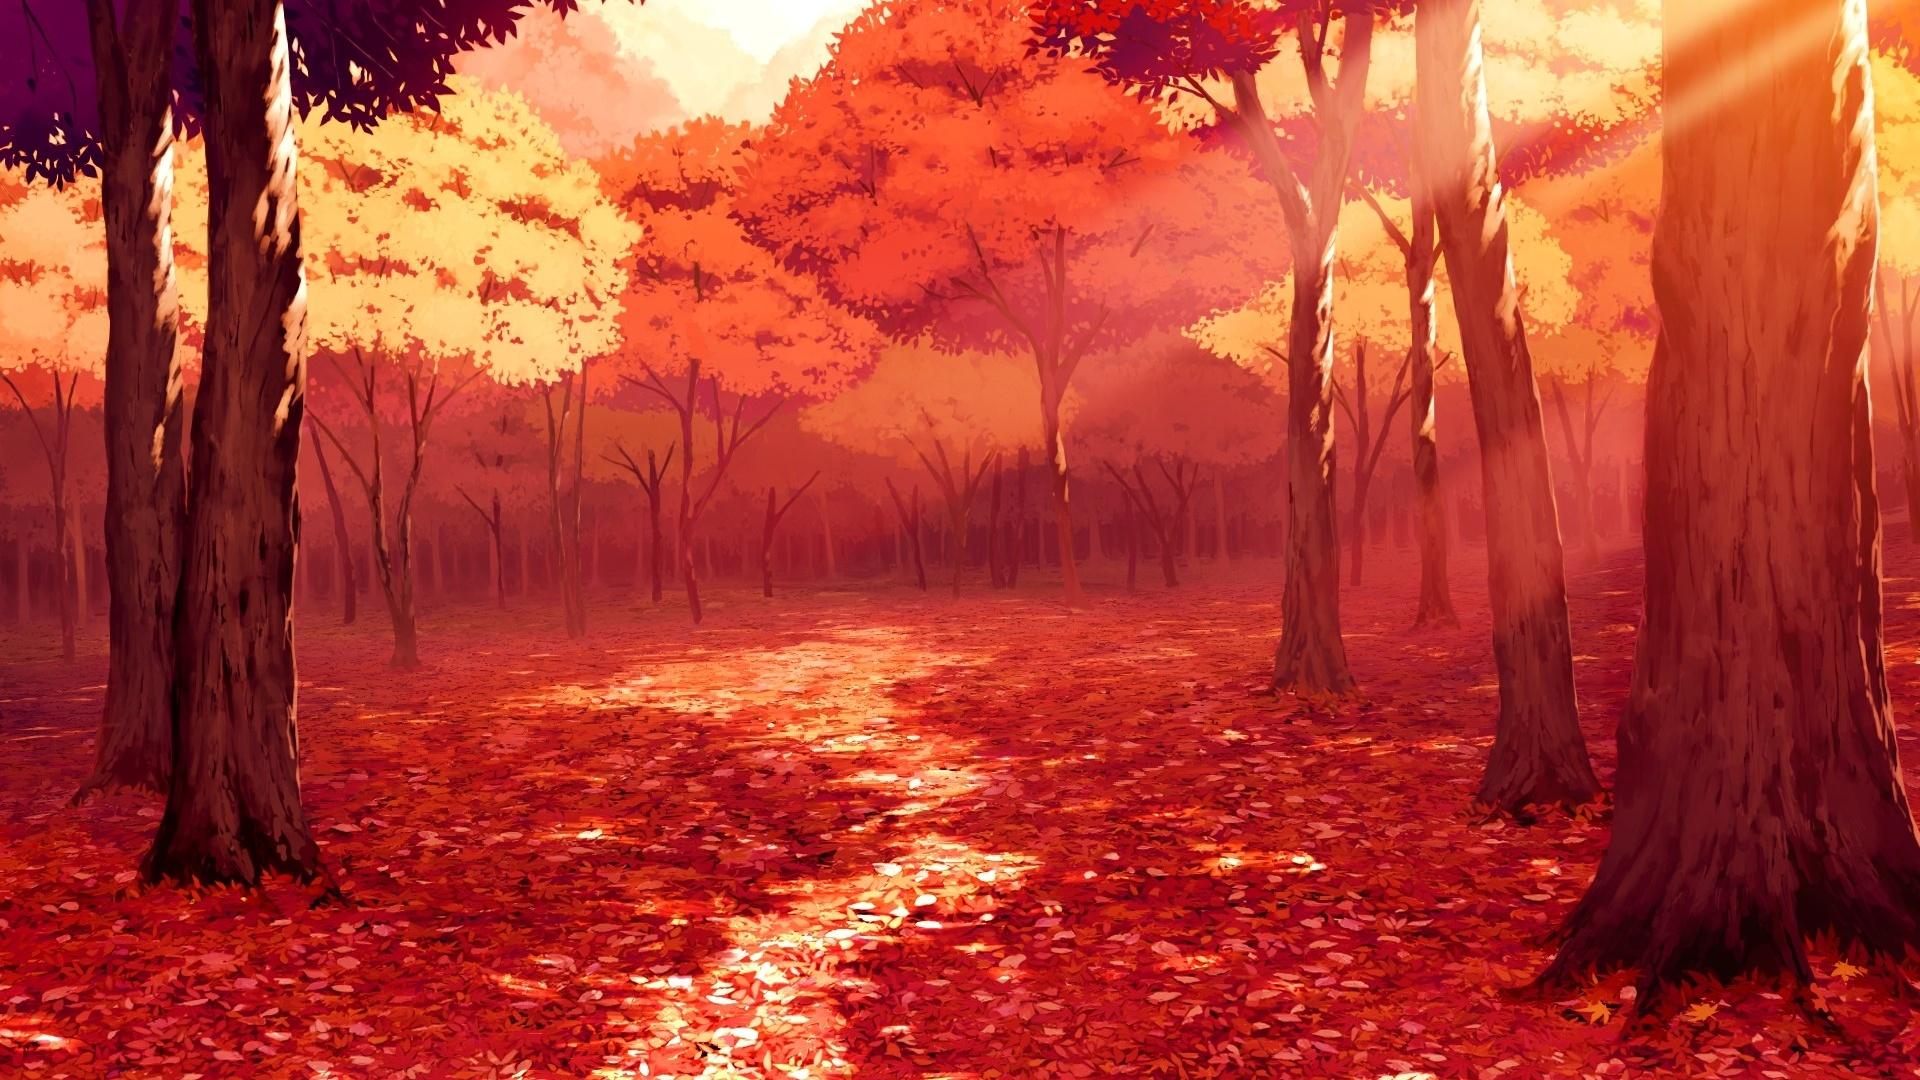 Scenery hd art